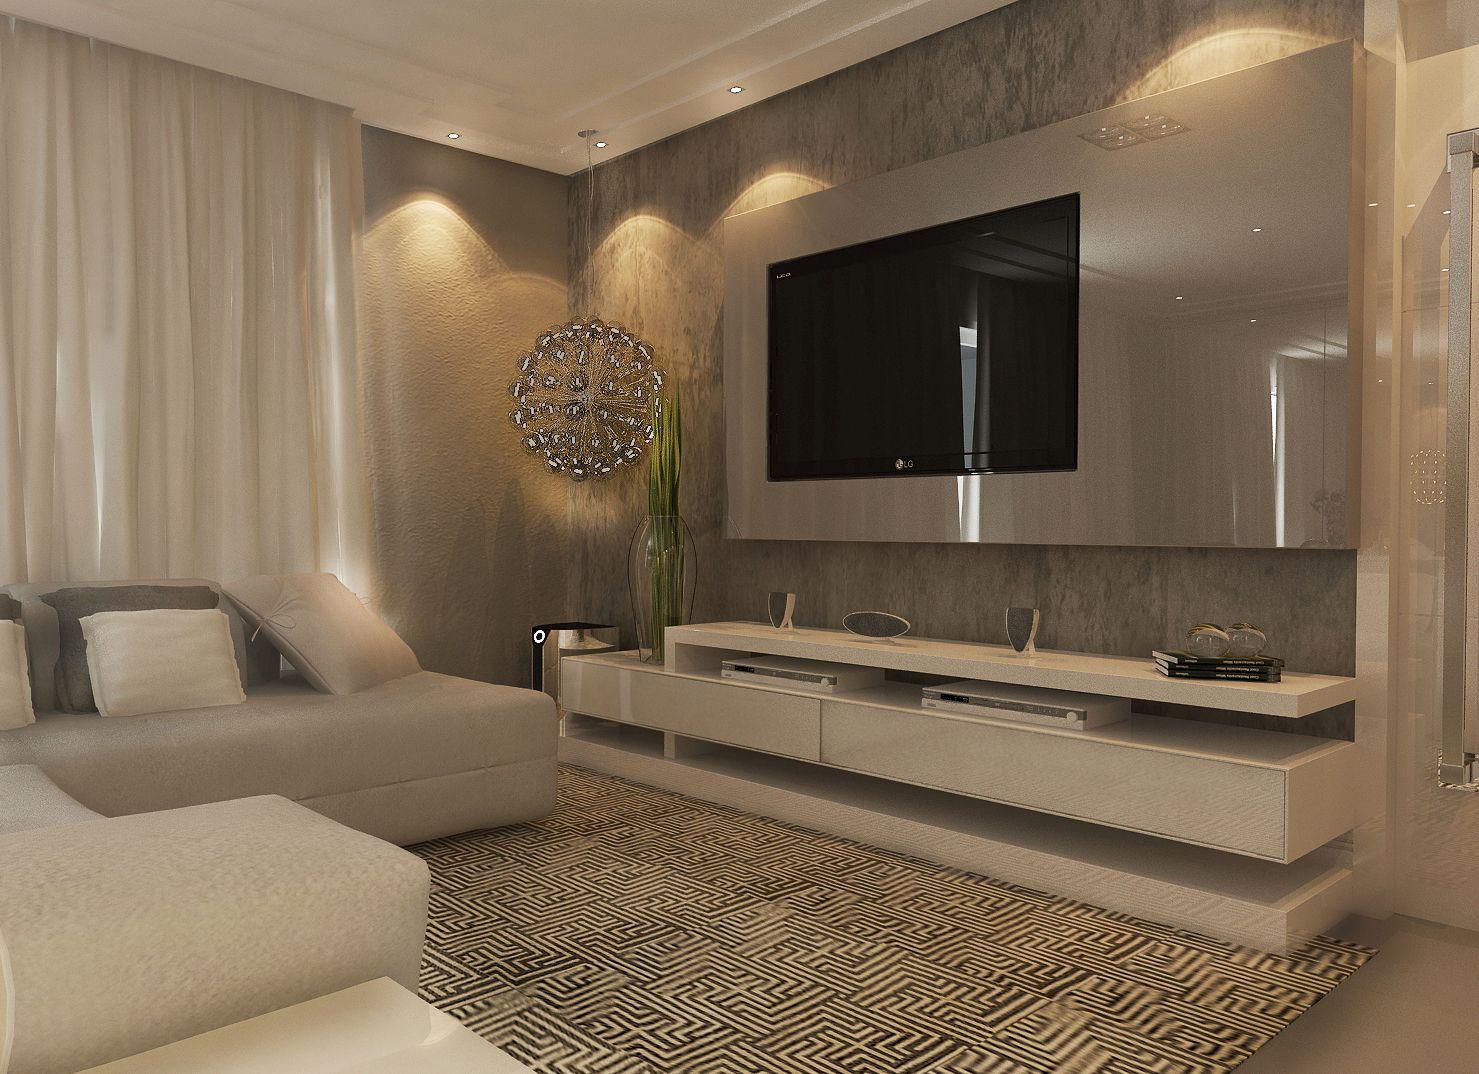 o painel de vidro acomoda o televisor de forma elegante tornando o ambiente clean e. Black Bedroom Furniture Sets. Home Design Ideas